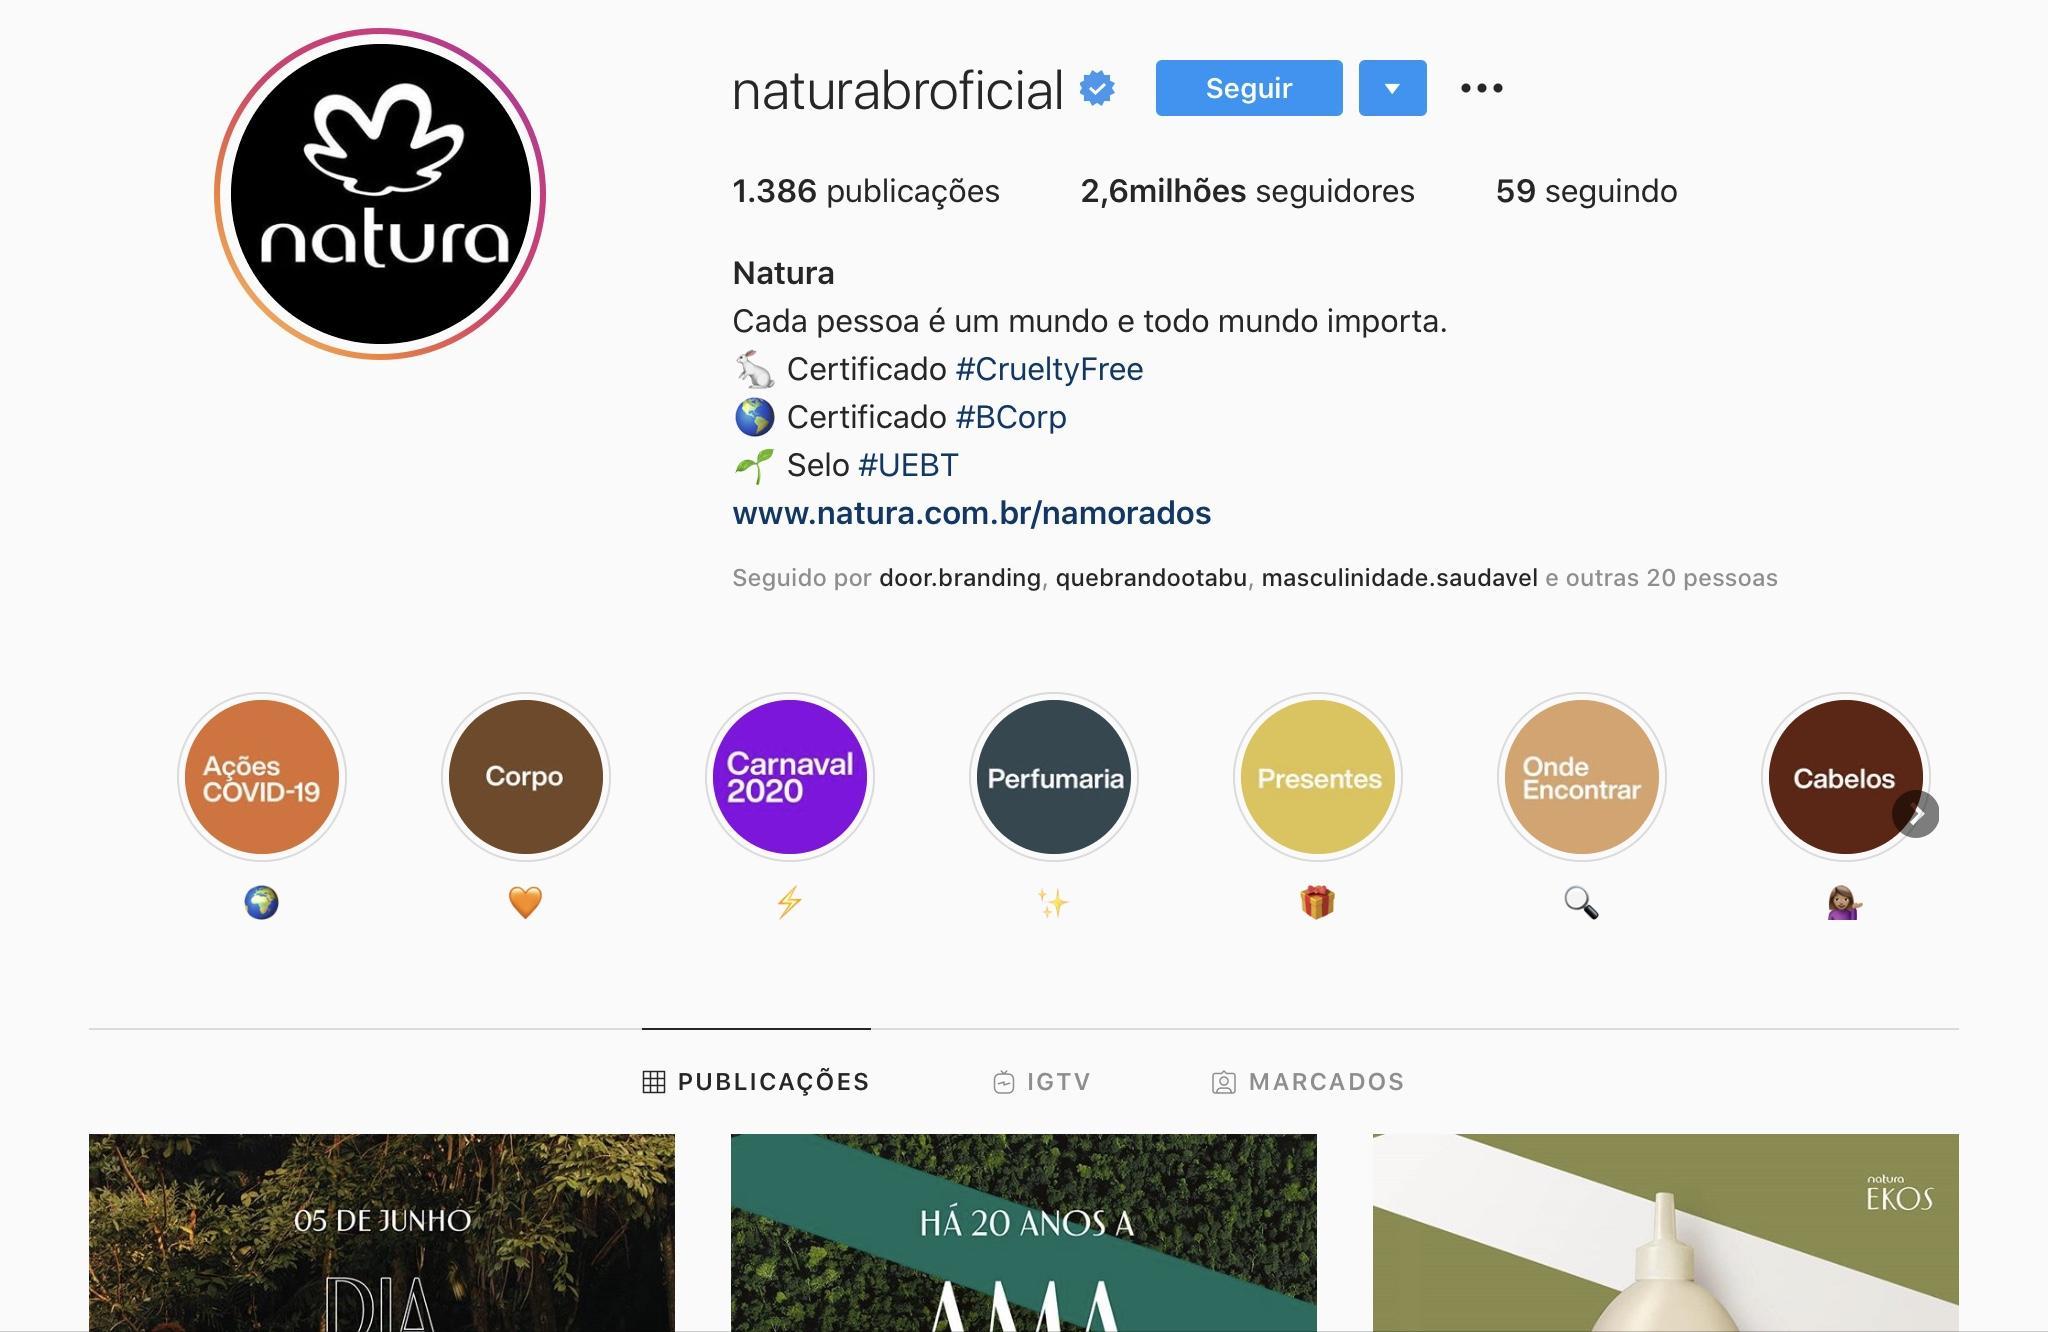 Exemplos para Criar Destaques do Instagram - Natura